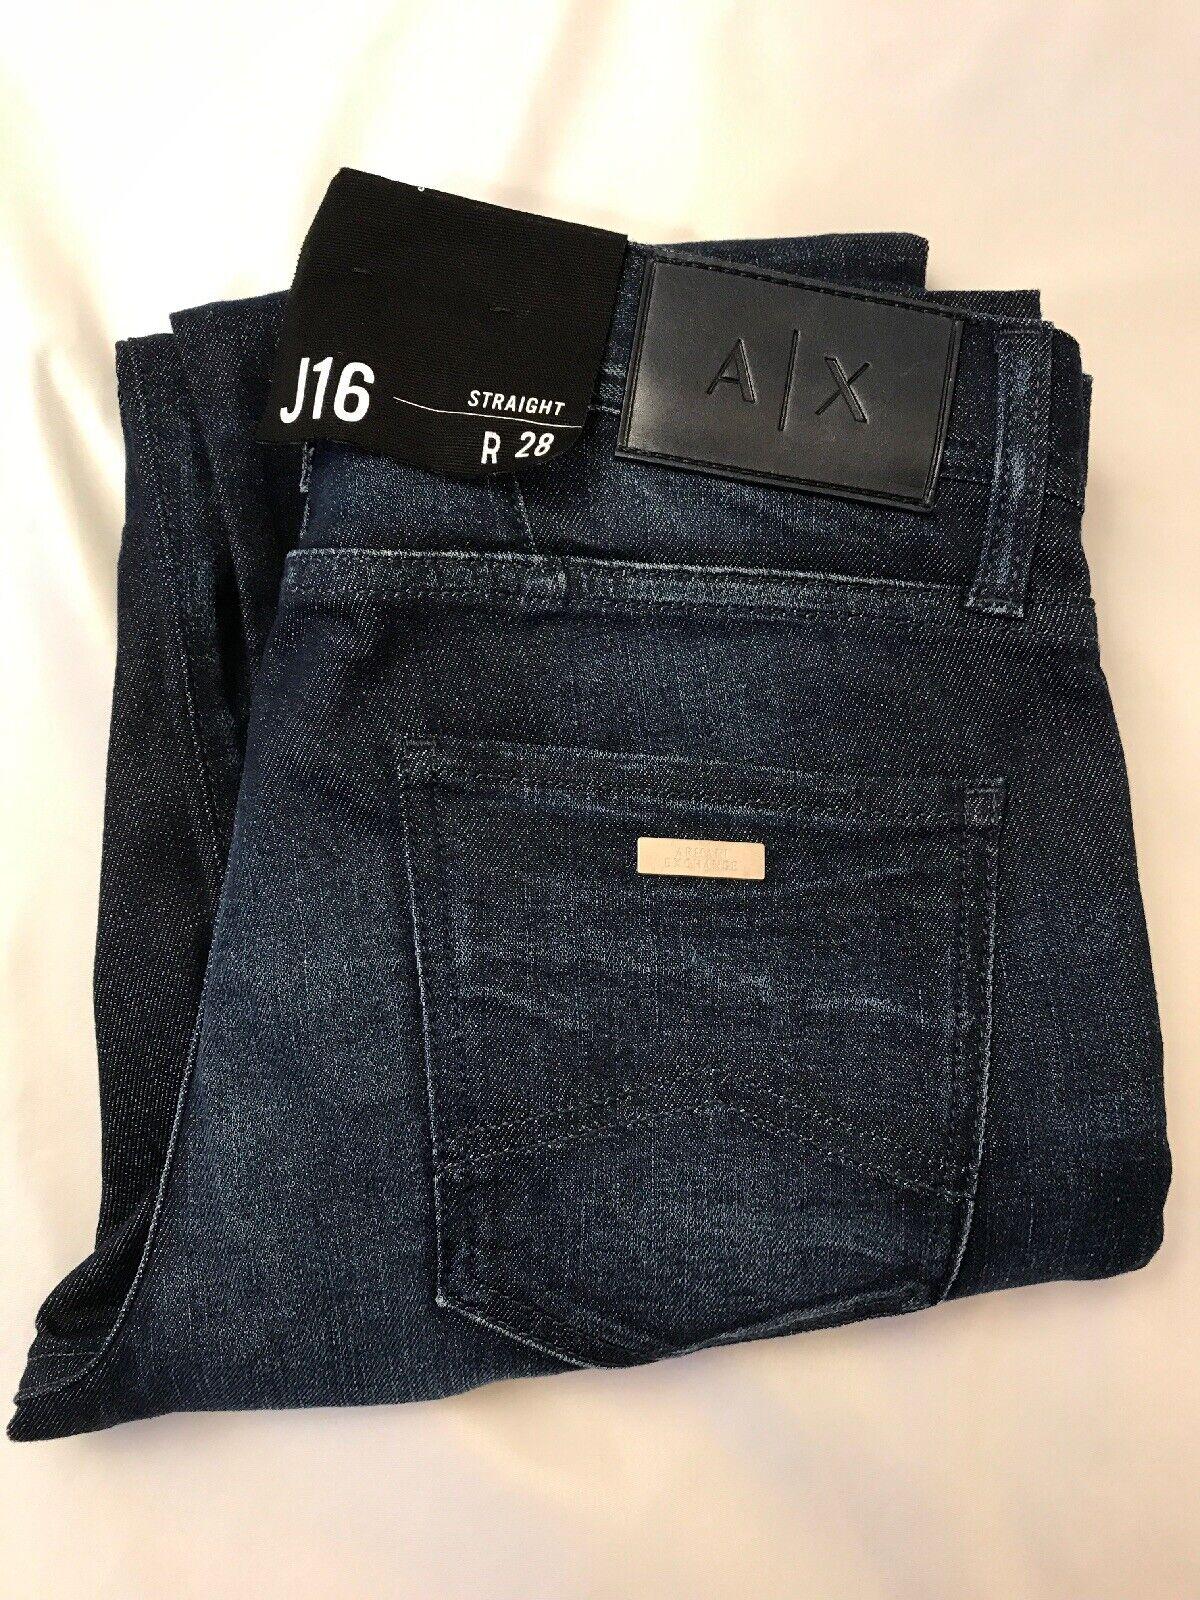 NWT Armani Exchange J16 STRAIGHT-FIT DARK INDIGO JEANS Size 28x32 bluee NEW +